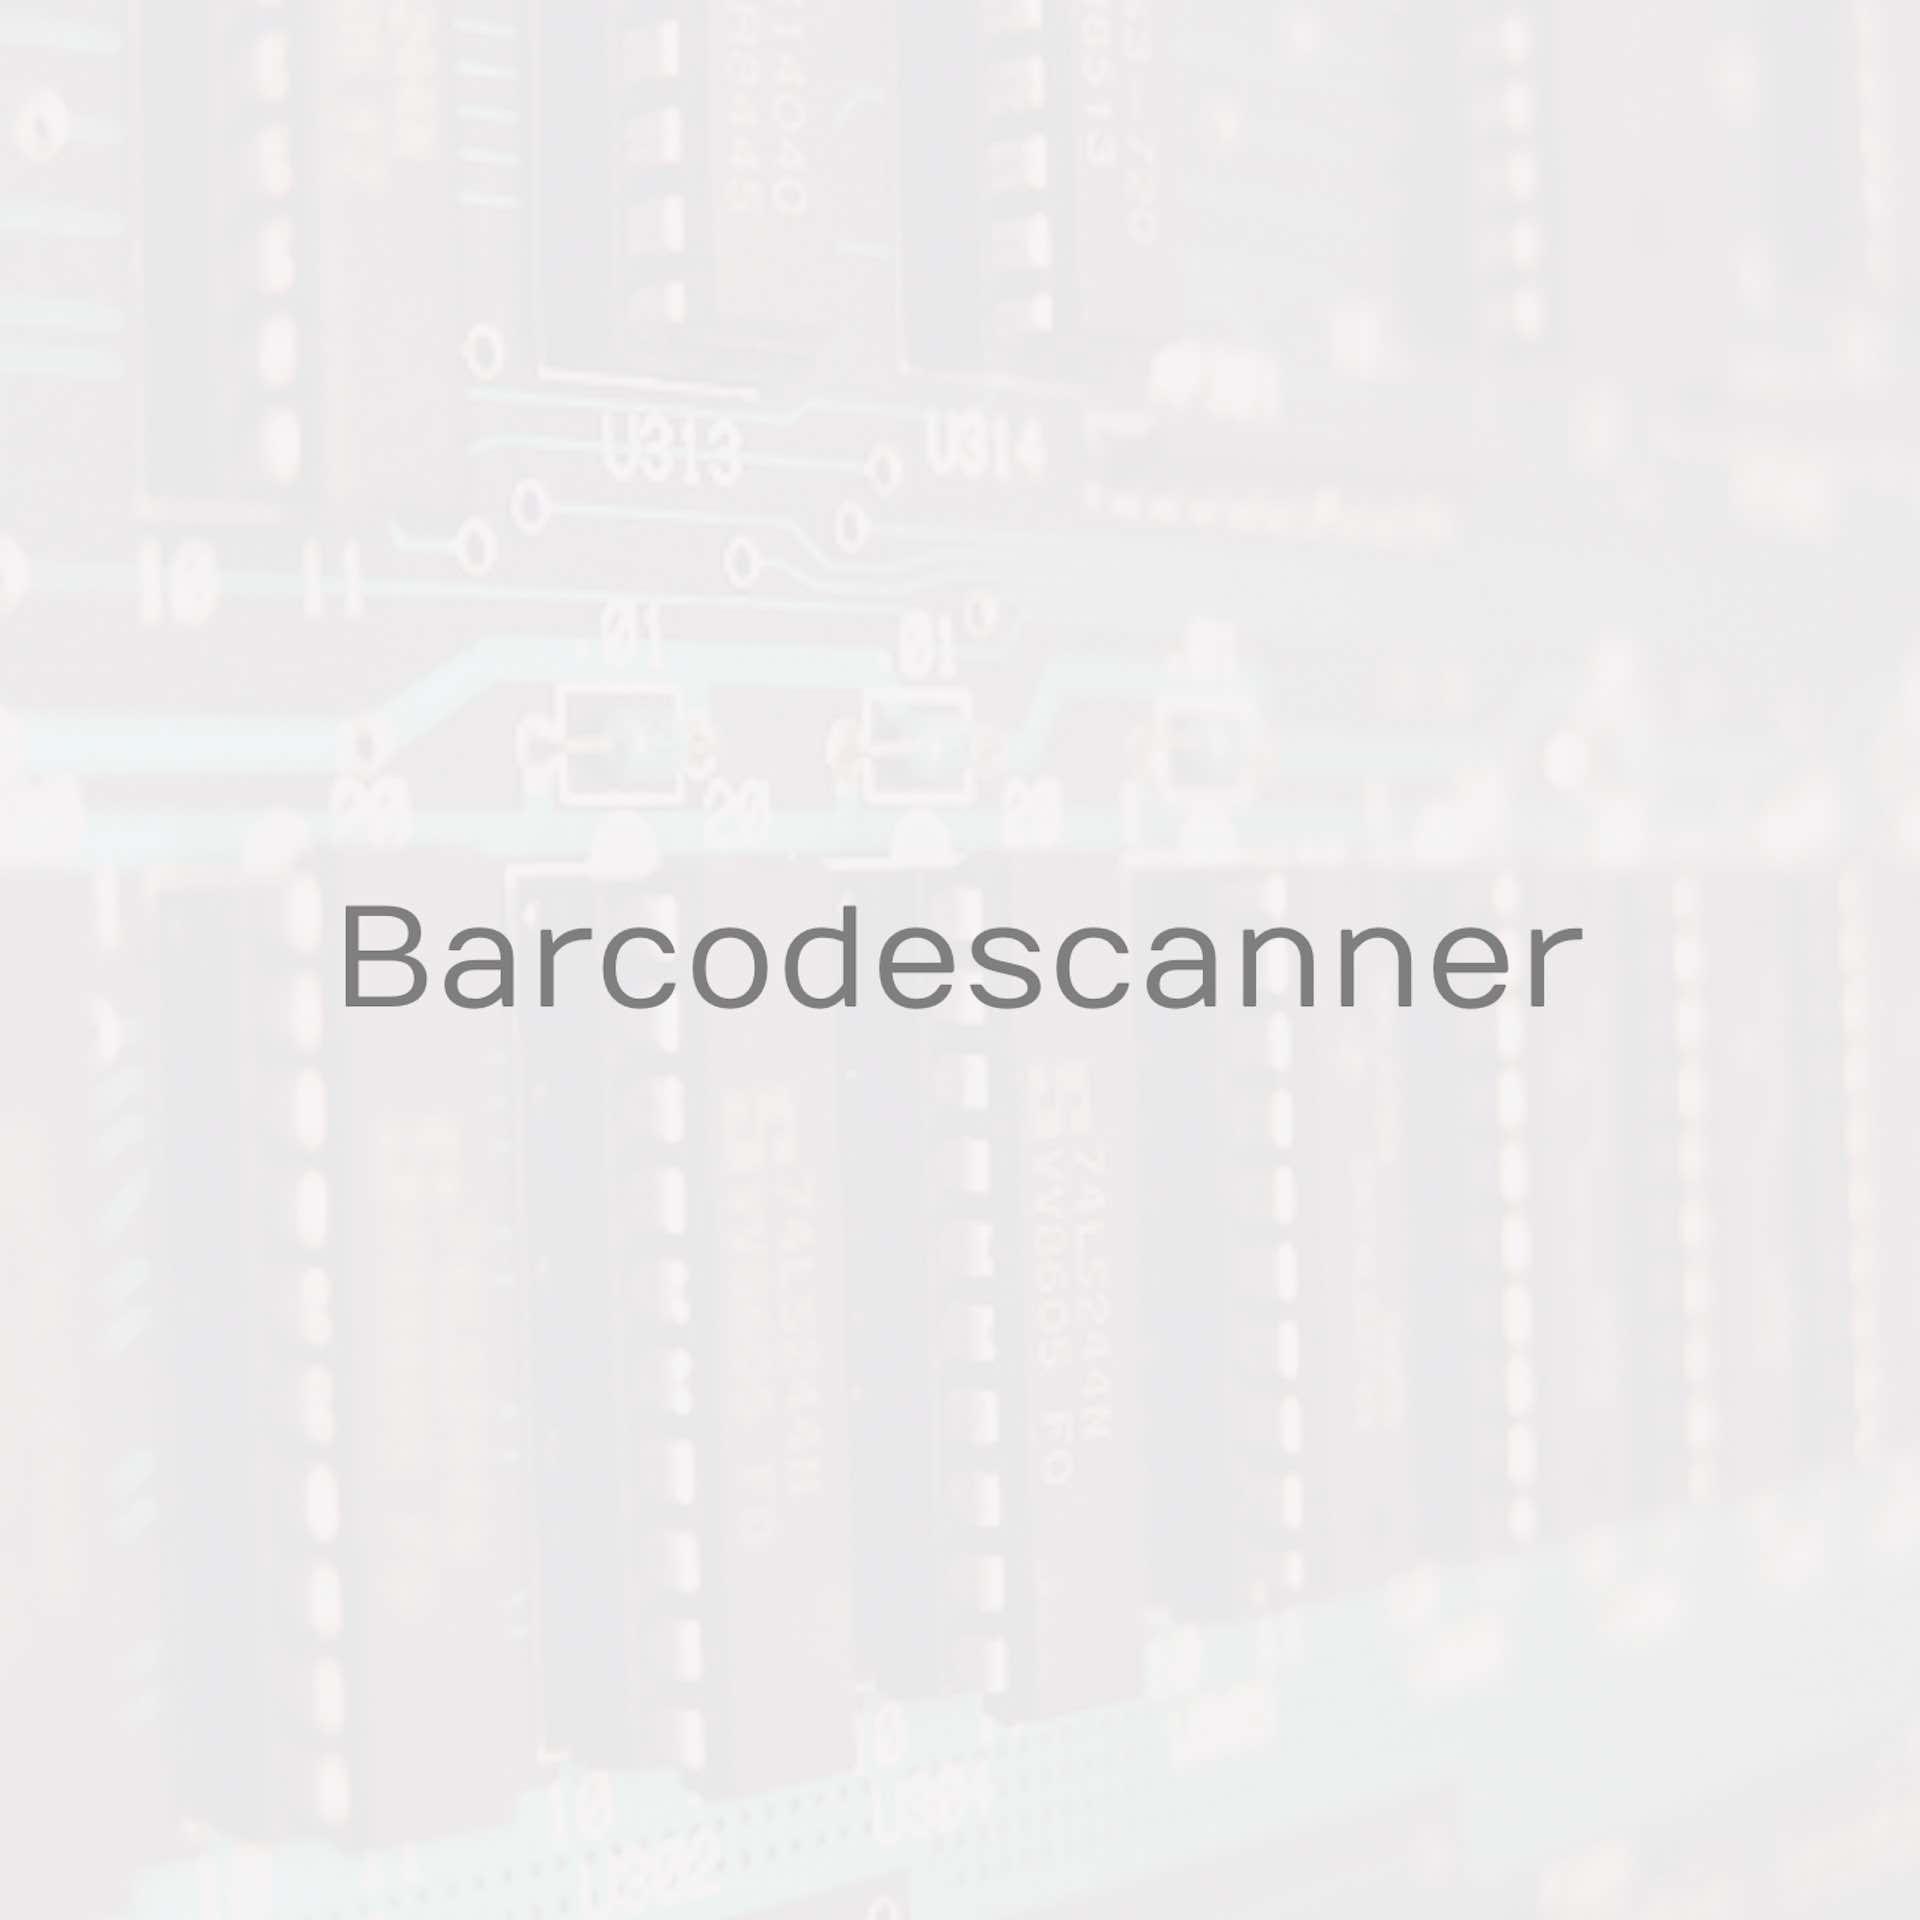 André_Heyer_Dienstleistungen_Barcodescanner